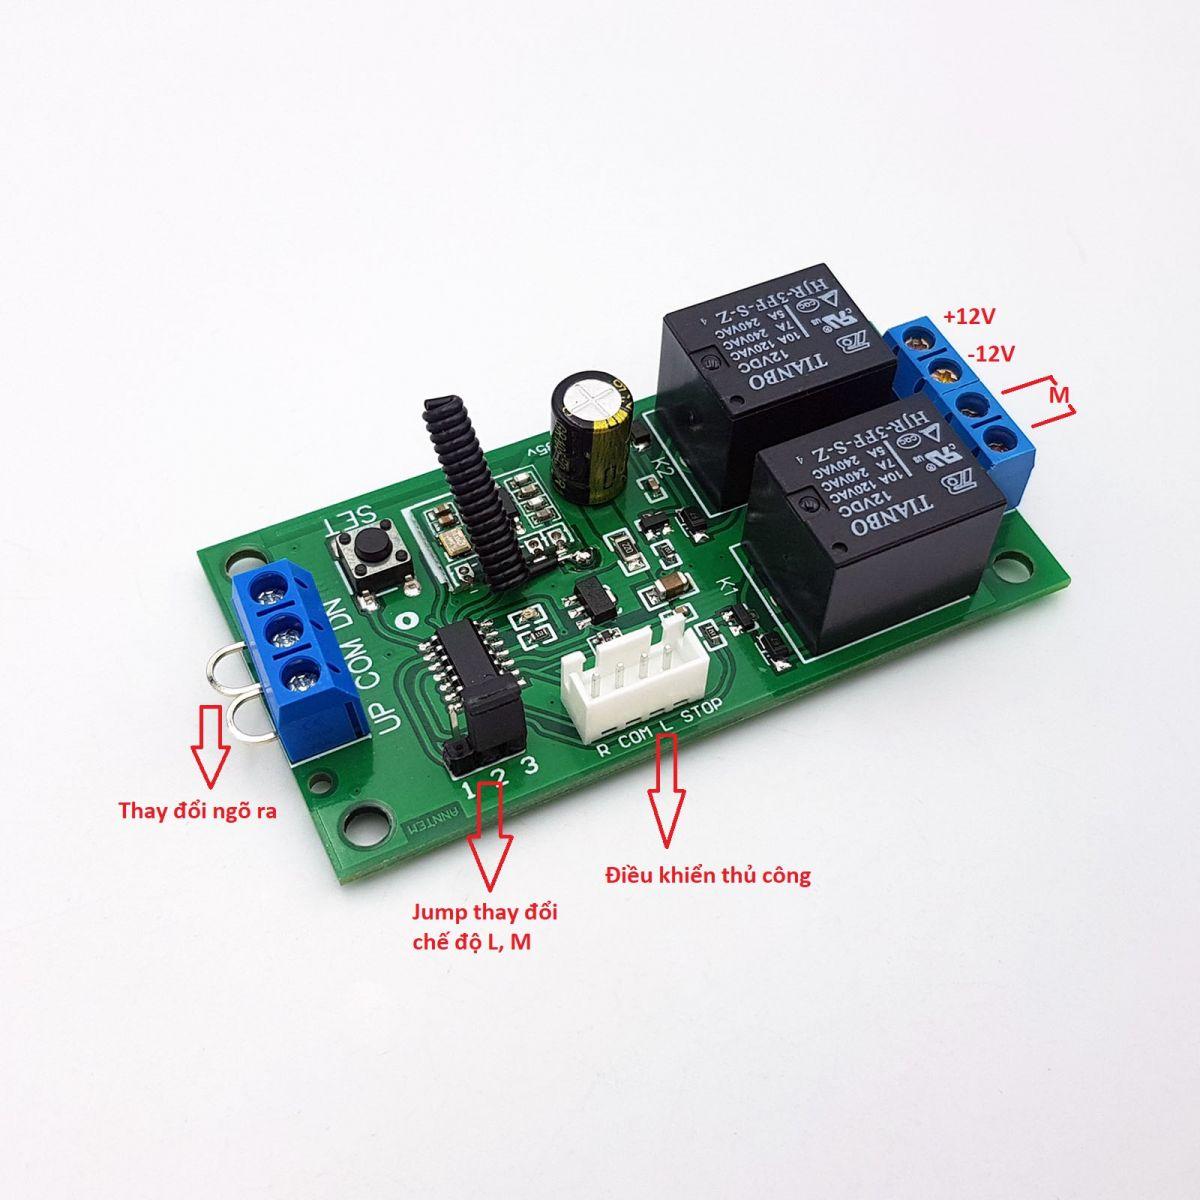 Mạch điều khiển đảo chiều động cơ từ xa 12VDC